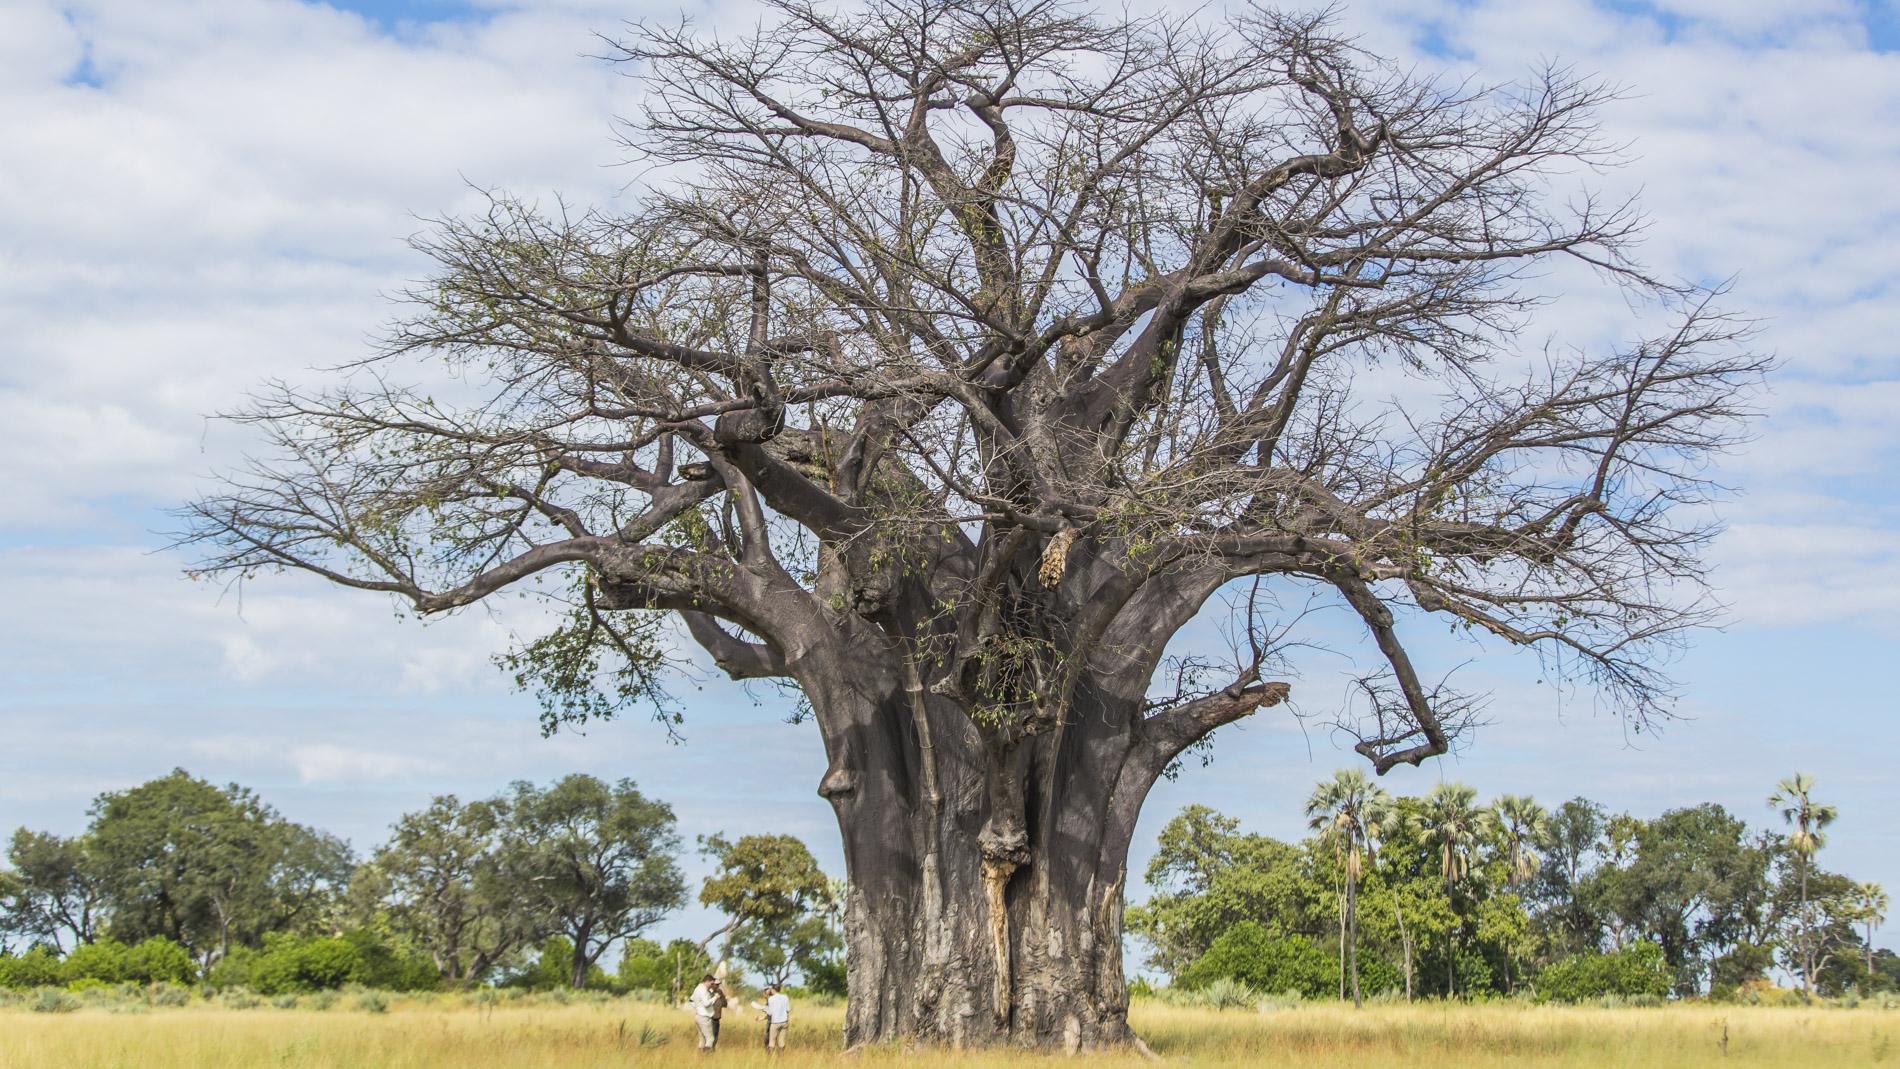 African Horseback Safaris wypoczynek pod baobabem